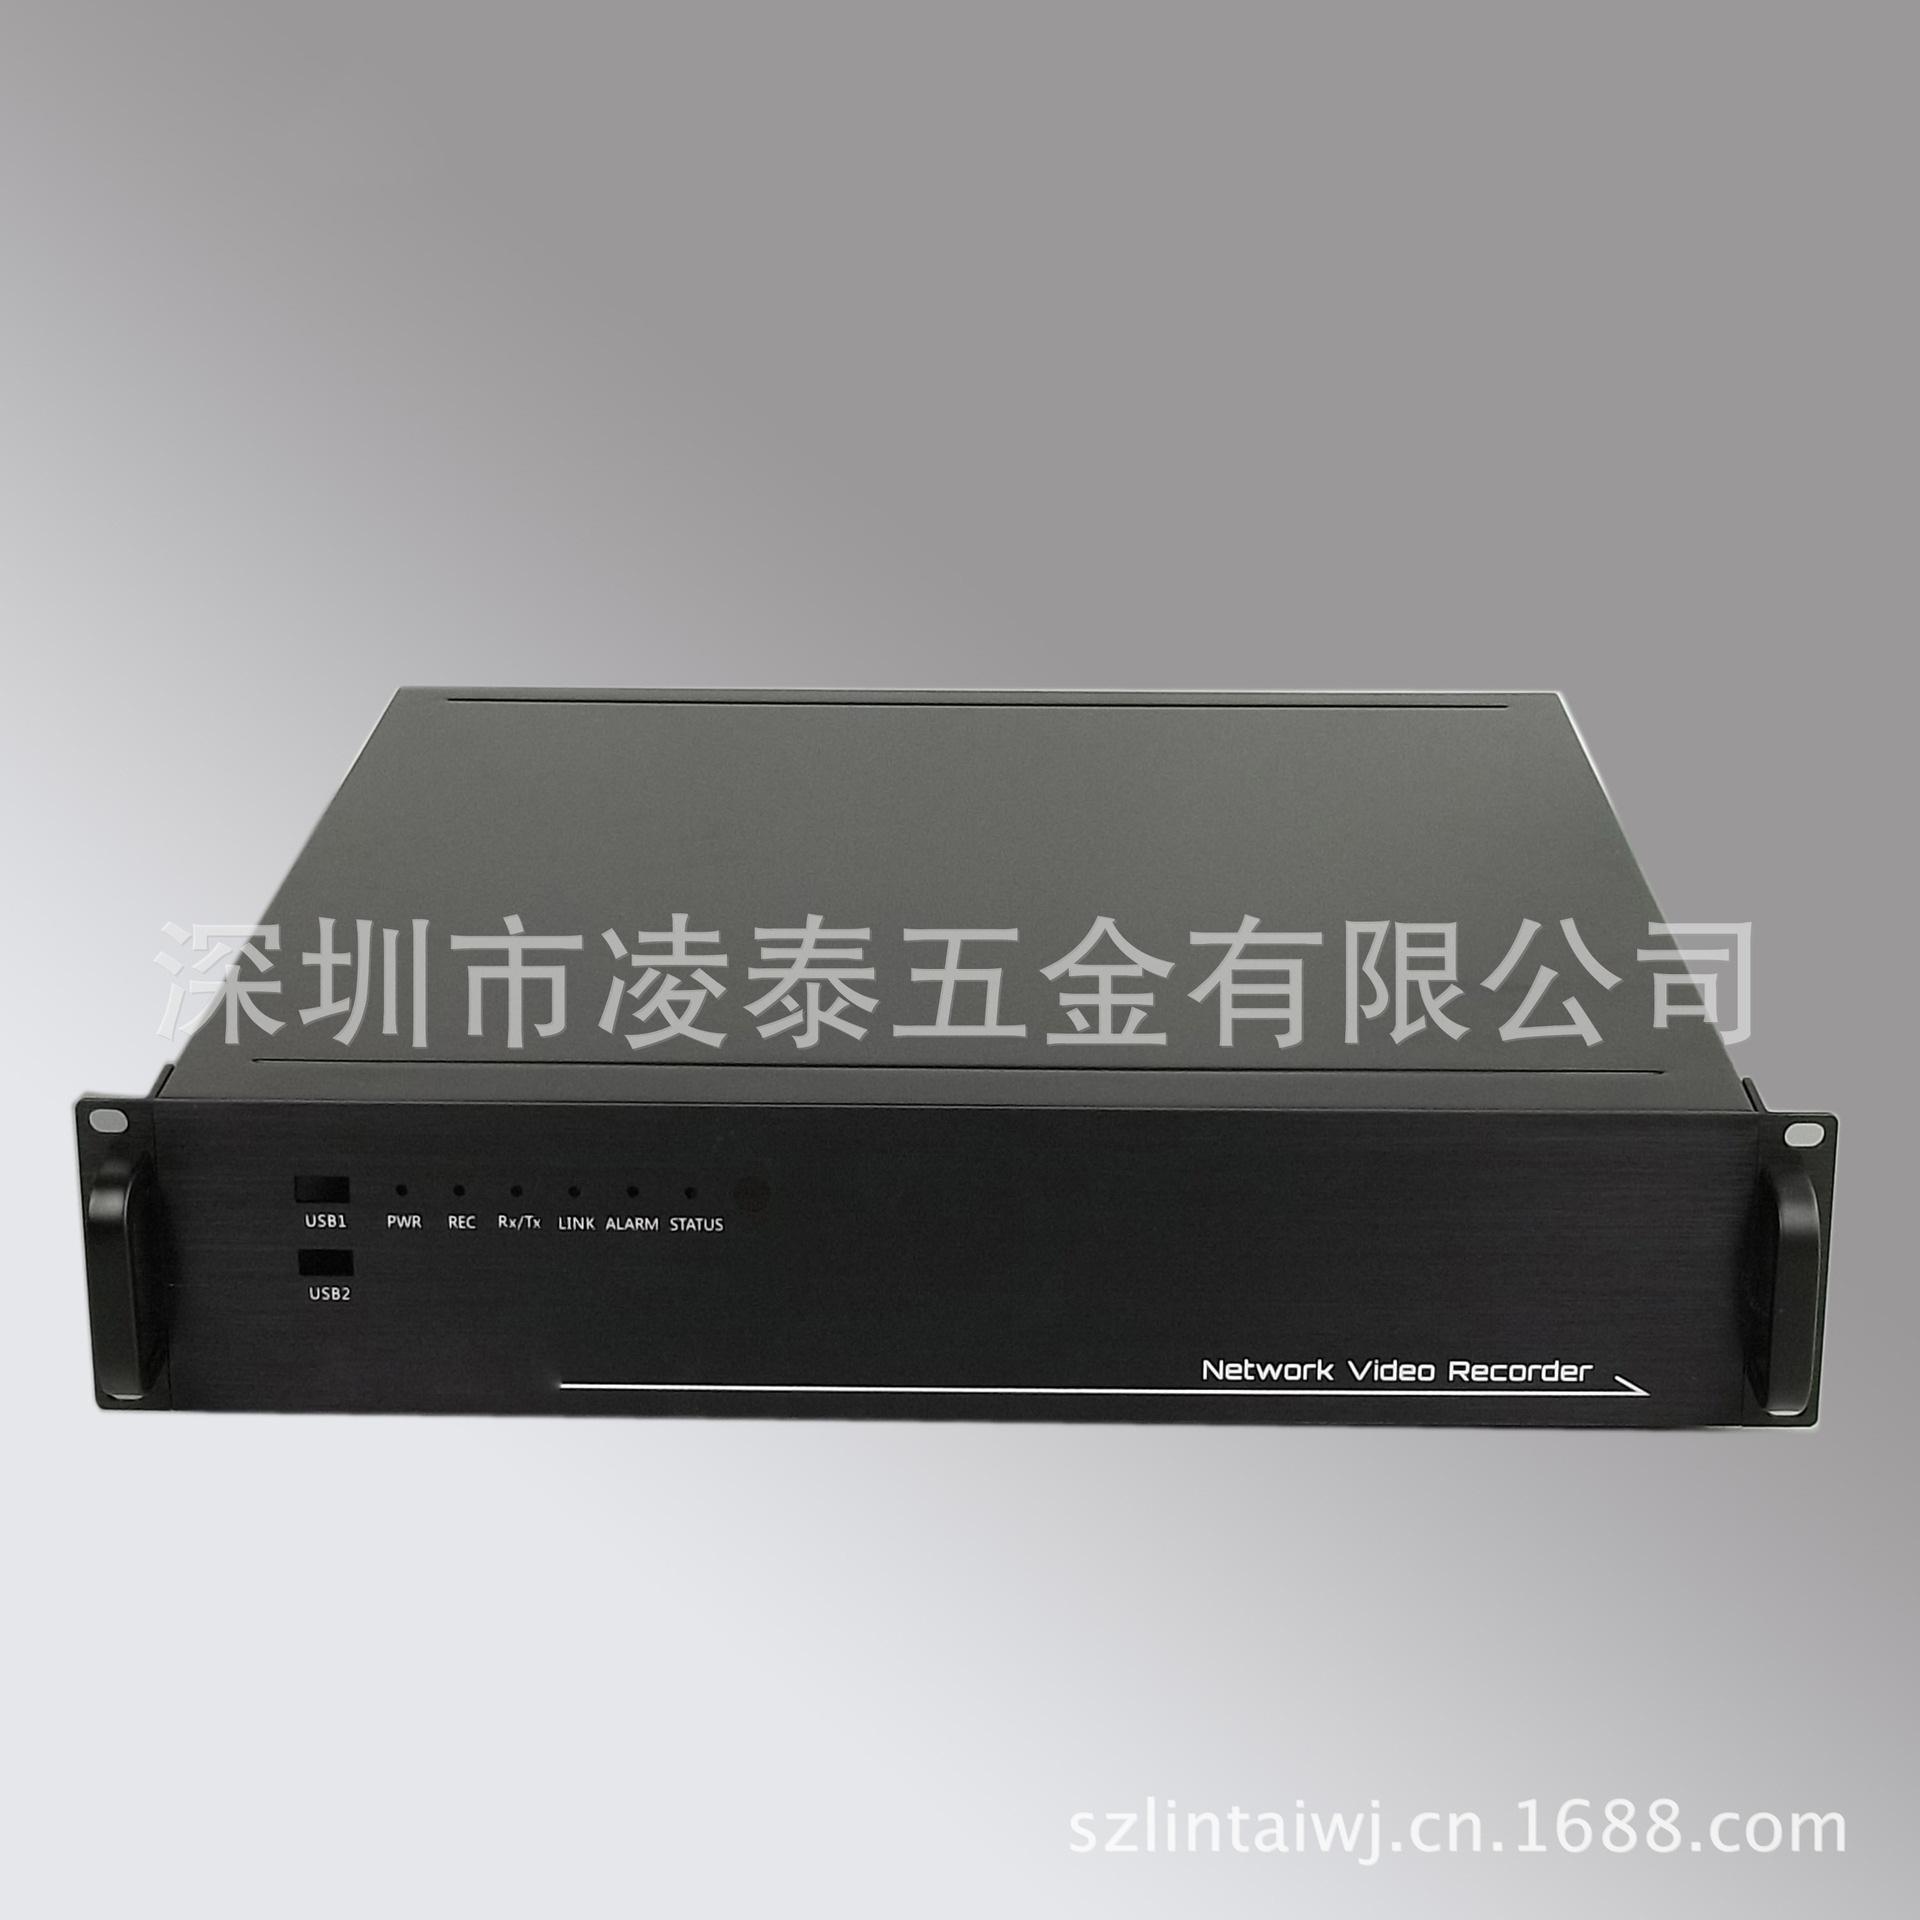 承接钣金工控机箱 仪器仪表外壳服务器机箱 ATX工控机箱